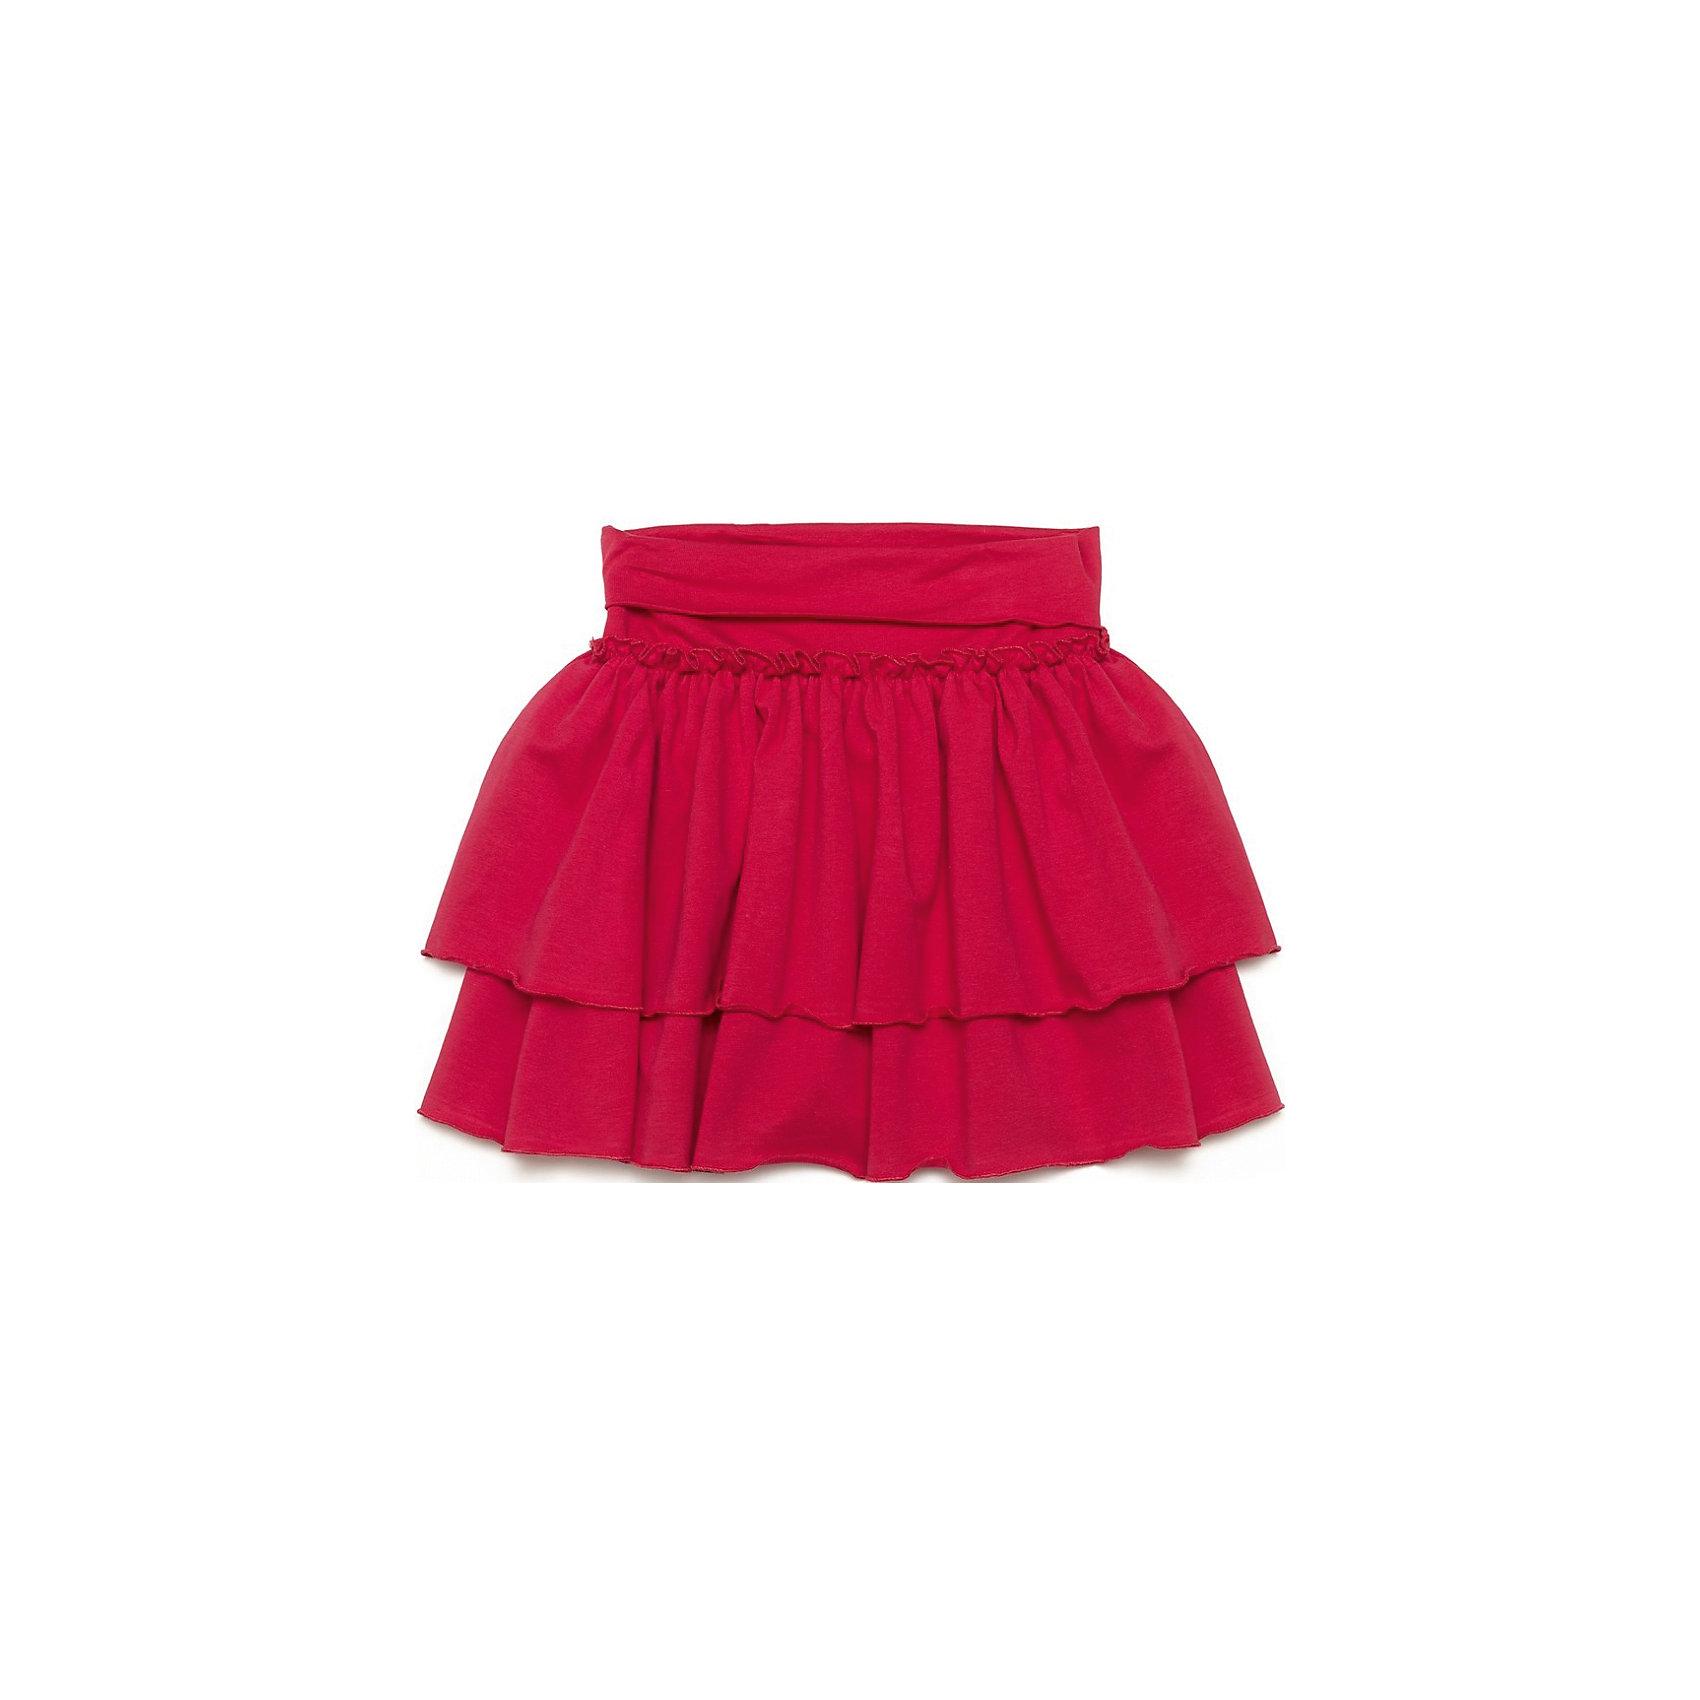 Юбка PlayTodayМягкая хлопковая юбка ярко-малинового цвета. Двойно подол, отрезная кокетка сверху. Пояс наширокой резинке. Однотонная, хорошо смотрится с любыми футболками и блузками. Состав: 95% хлопок, 5% эластан<br><br>Ширина мм: 207<br>Глубина мм: 10<br>Высота мм: 189<br>Вес г: 183<br>Цвет: розовый<br>Возраст от месяцев: 36<br>Возраст до месяцев: 48<br>Пол: Женский<br>Возраст: Детский<br>Размер: 104,128,110,116,122,98<br>SKU: 4652367